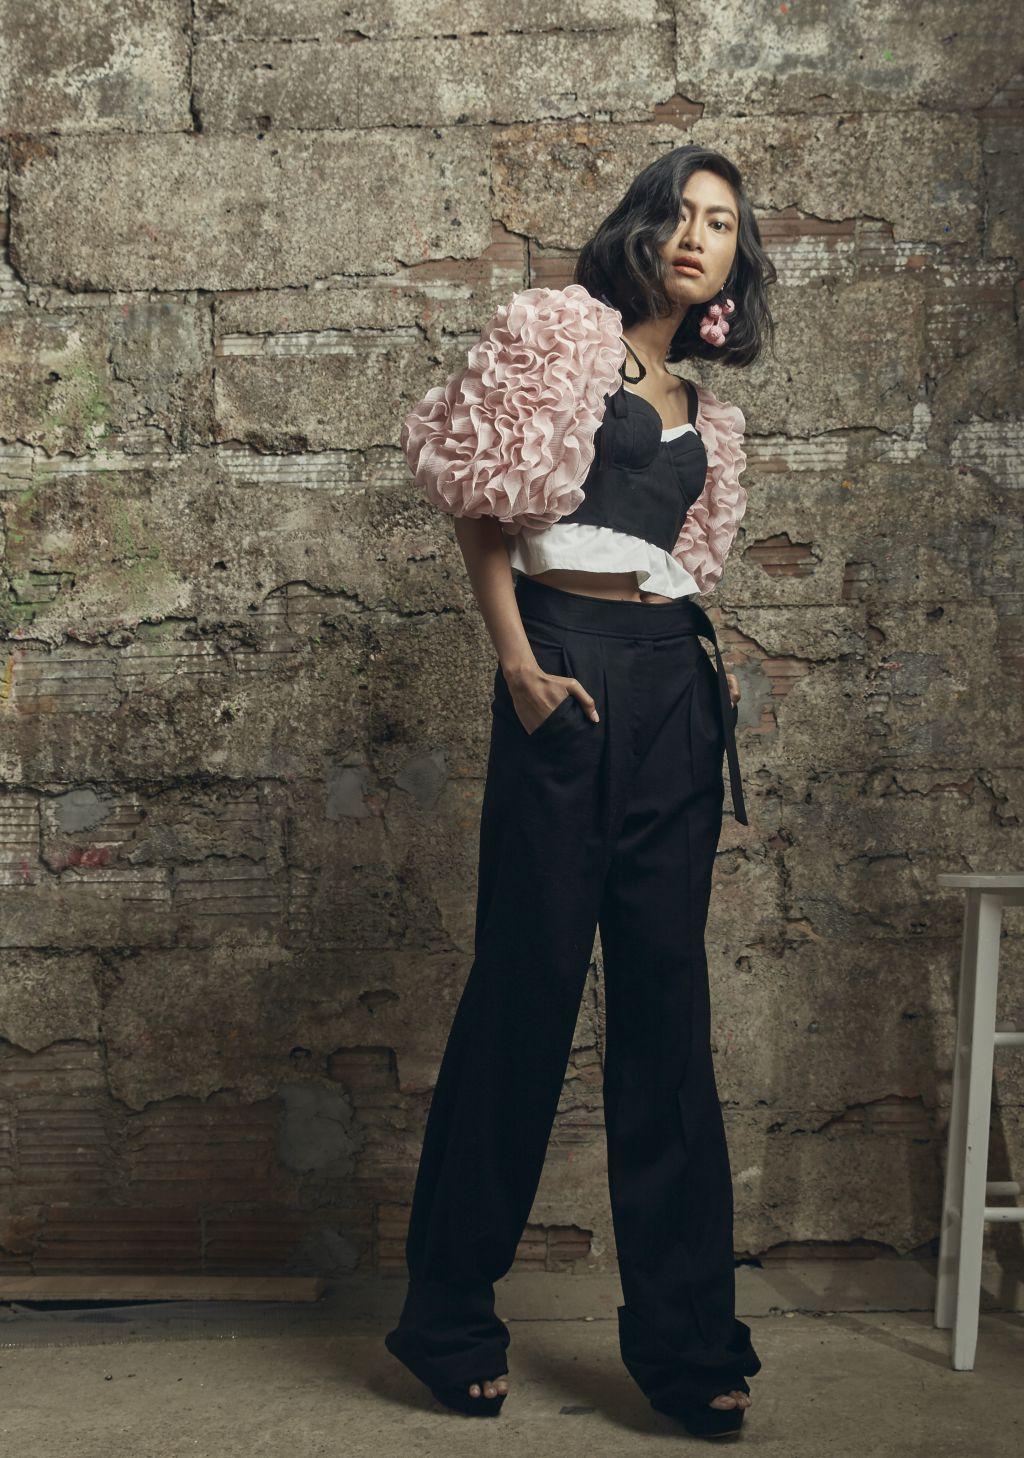 Воланы на на рукавах кофты – модные тенденции этого сезона фото из коллекции Rosie Assoulin.